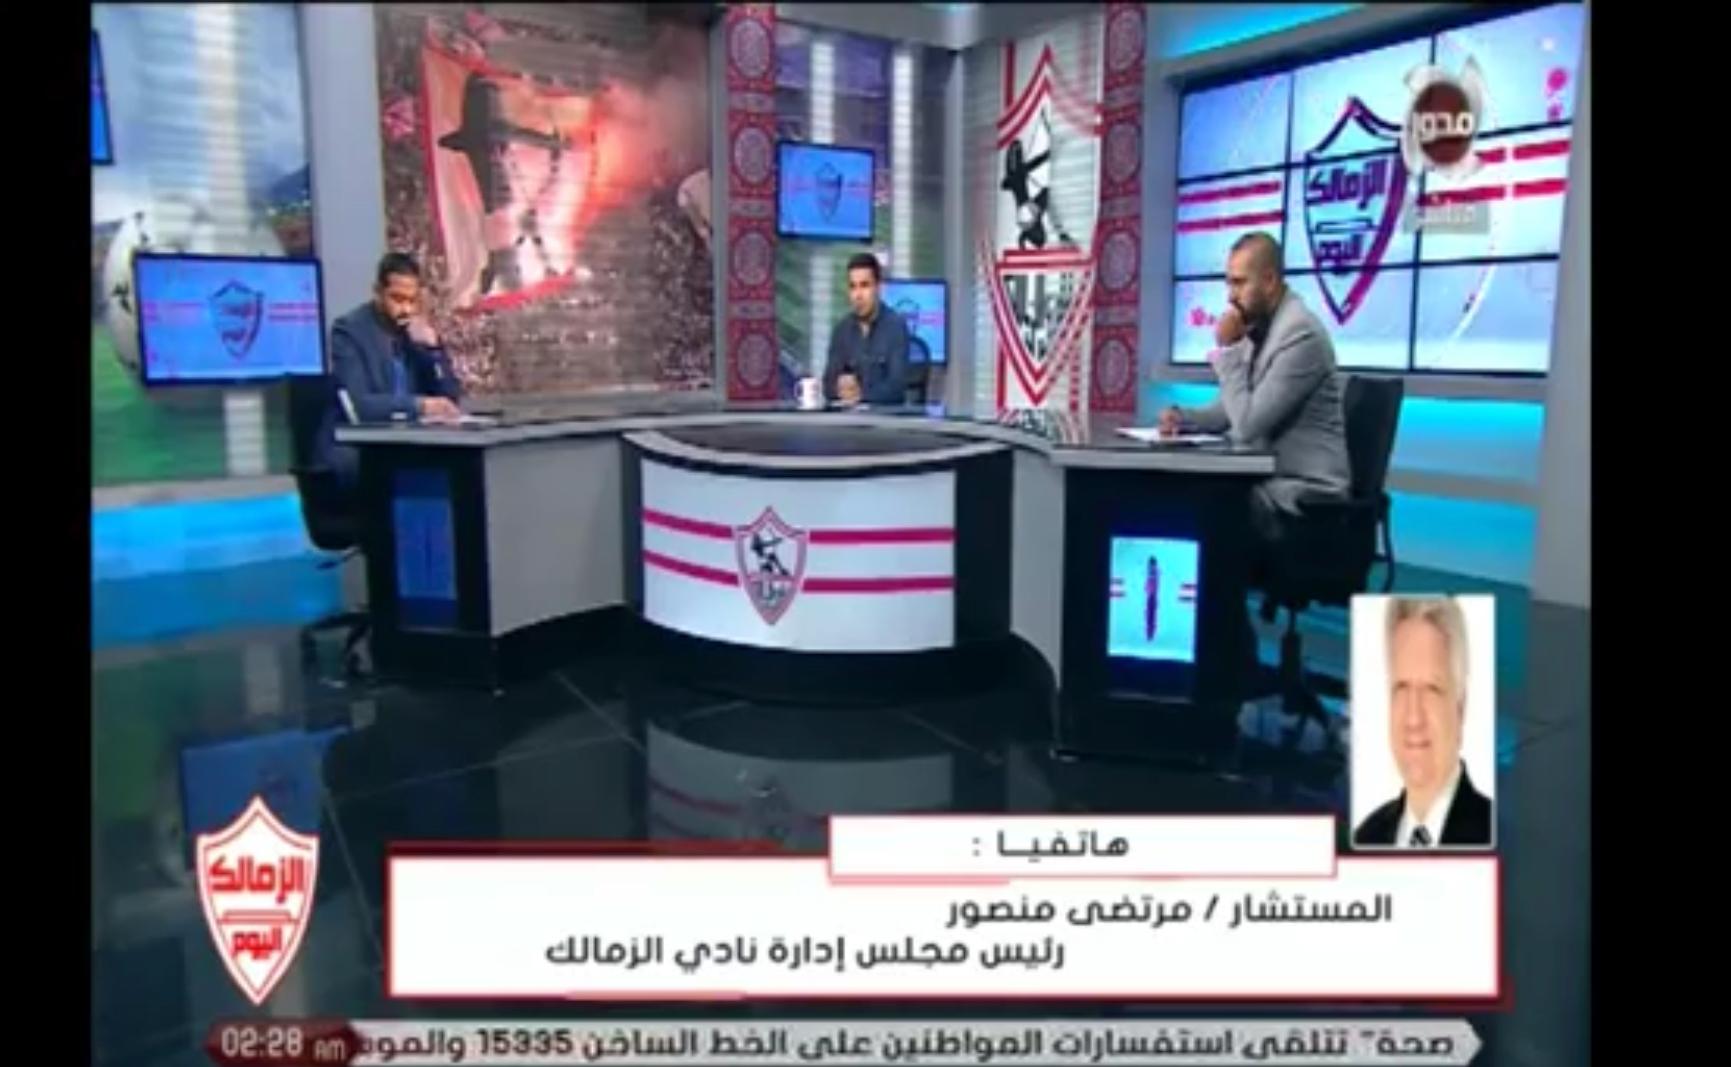 فيديو/رئيس الزمالك المصري غاضبٌ من هزيمة فريقه ويعترف بقوة نهضة بركان